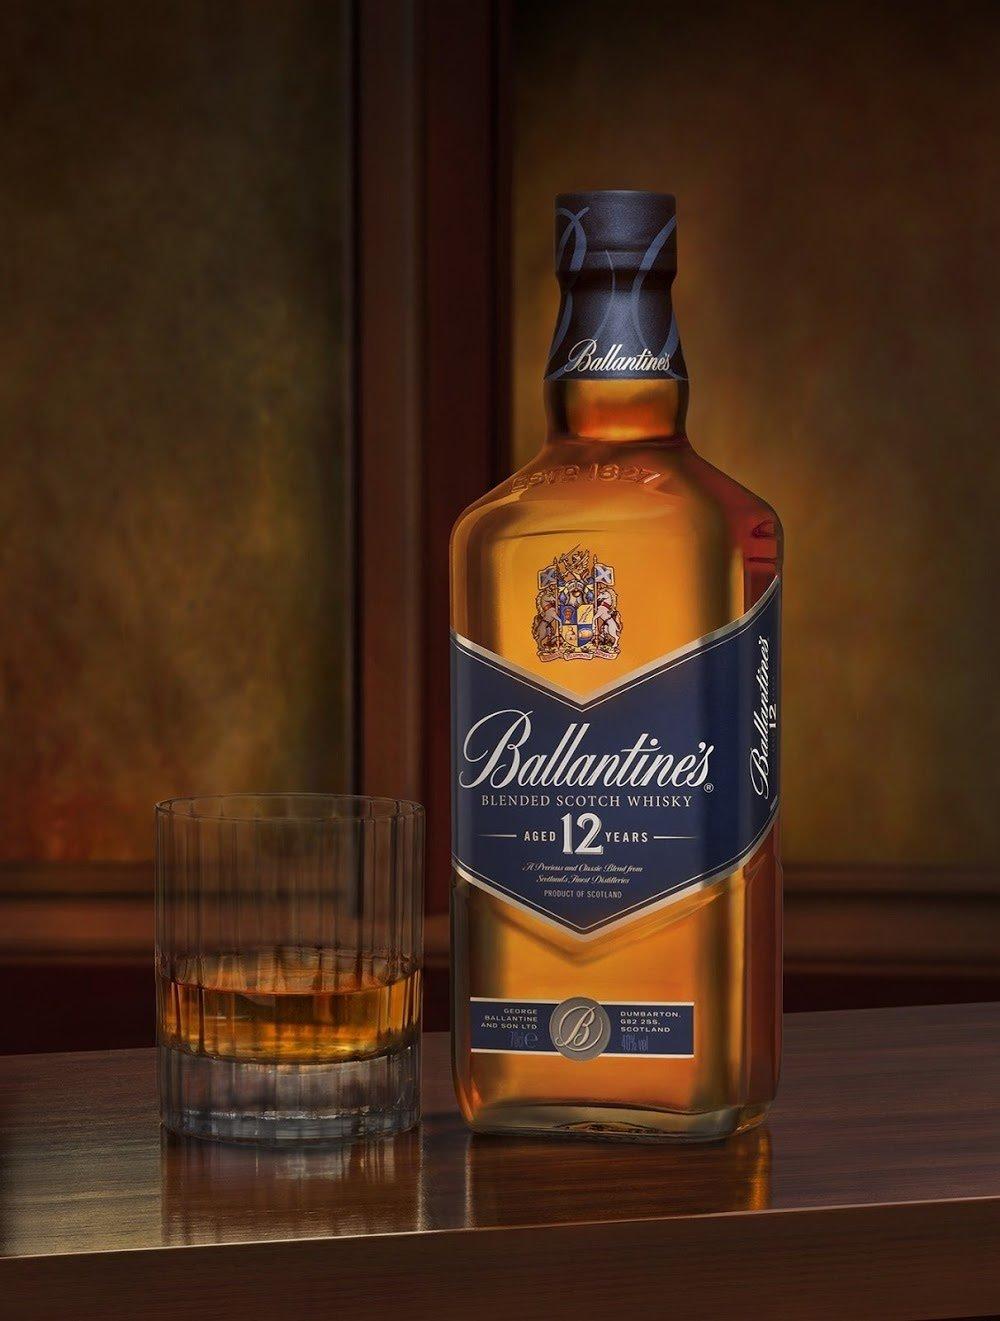 Ballentine's whisky